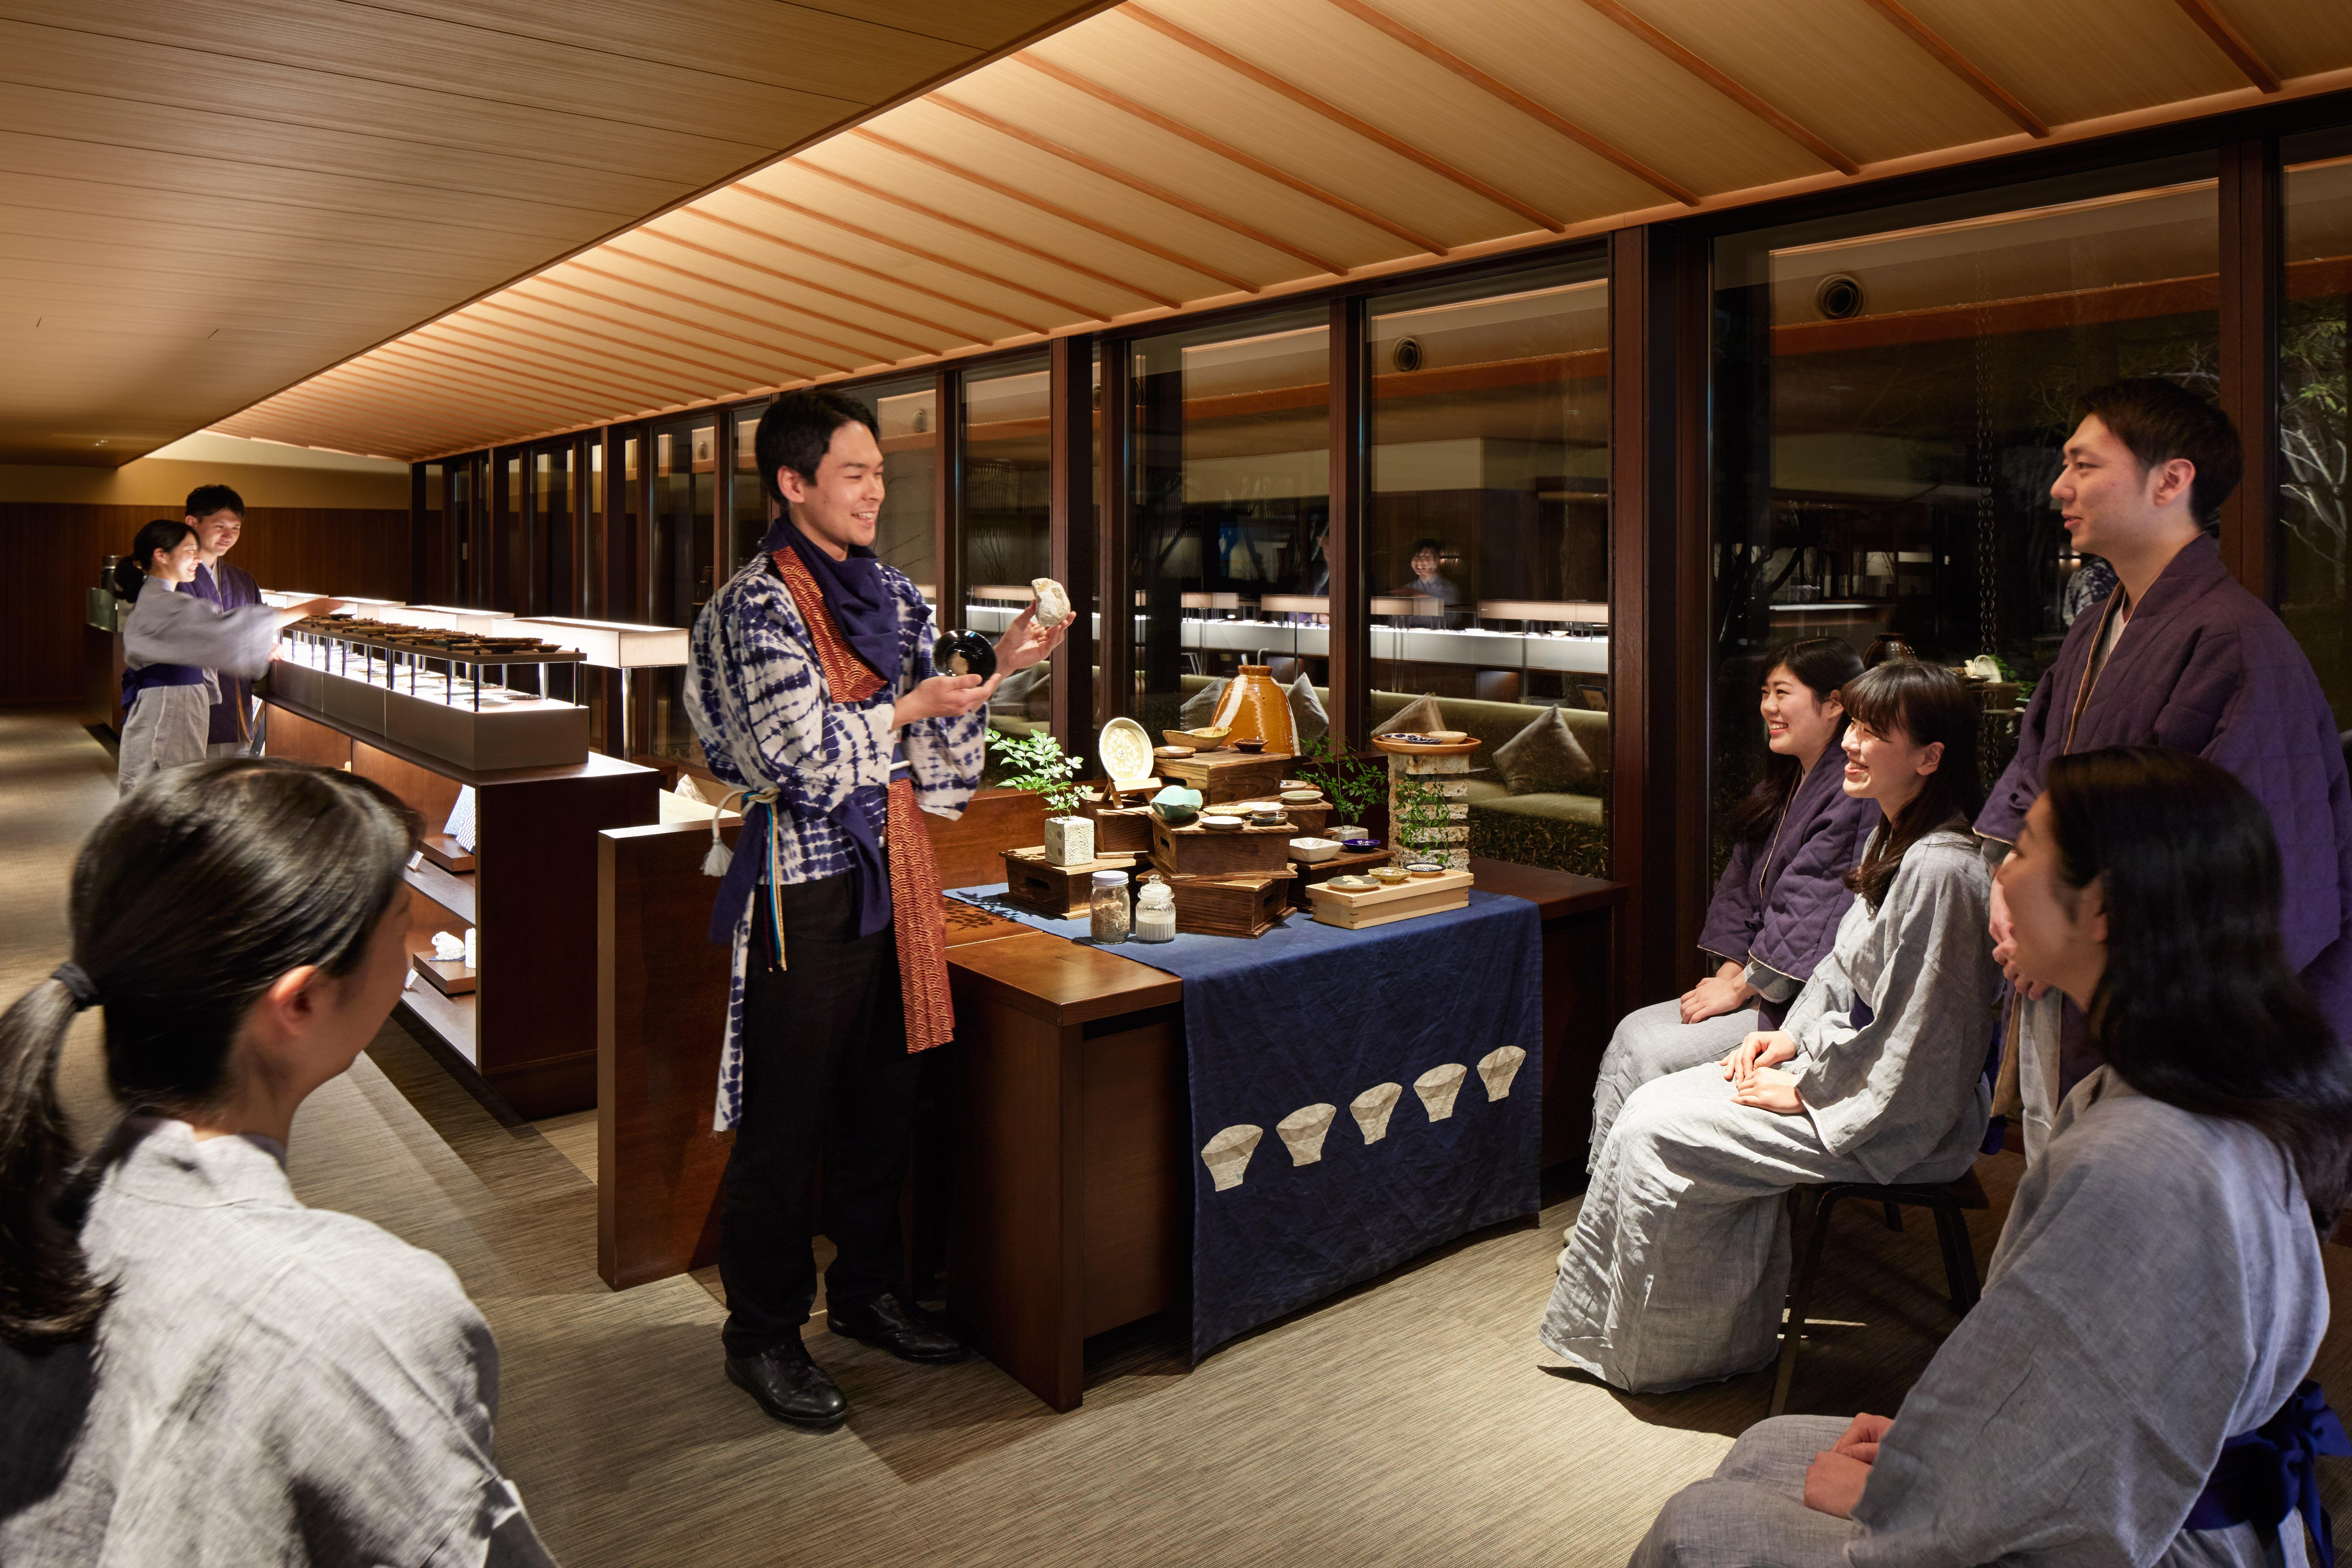 毎晩開催の「益子焼ナイト」(無料)では、「益子焼マイスター」が器の楽しみ方を楽しく紹介